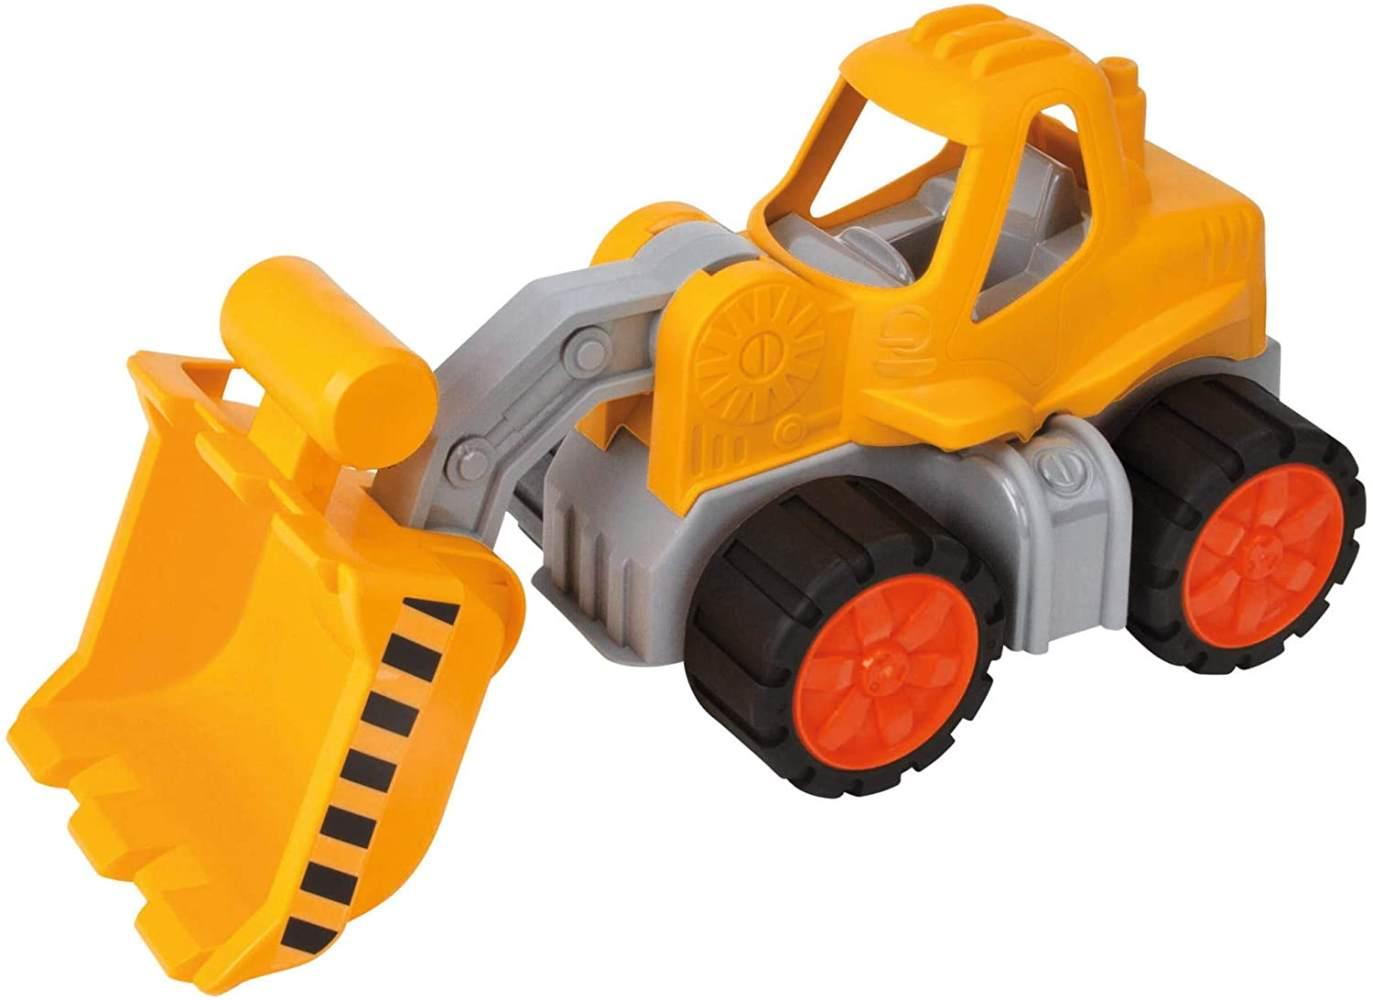 BIG-Power-Worker Radlader, Spielzeug Auto ideal für Unterwegs, Reifen aus Softmaterial, beweglicher Ladearm, sonnengelb für Kinder ab 2 Jahren Bild 1